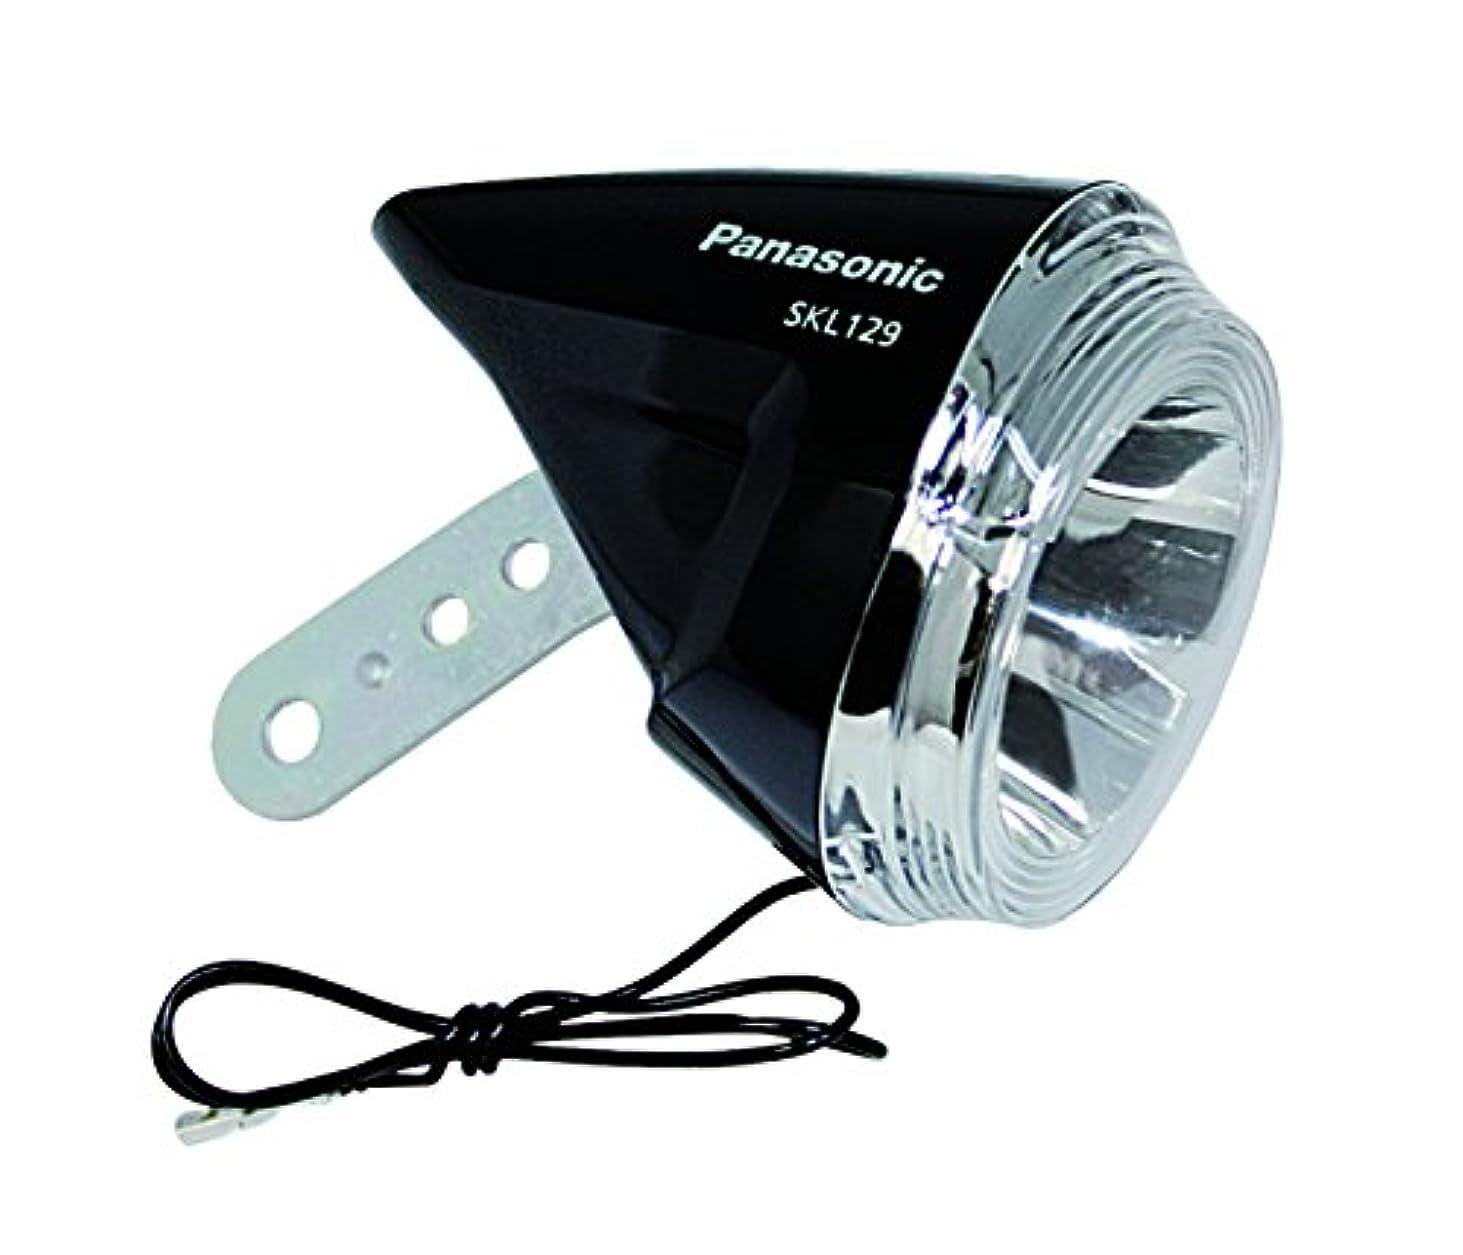 露出度の高いなぜなら耐えられないPanasonic(パナソニック) LEDハブダイナモ専用ライト SKL129 ブラック